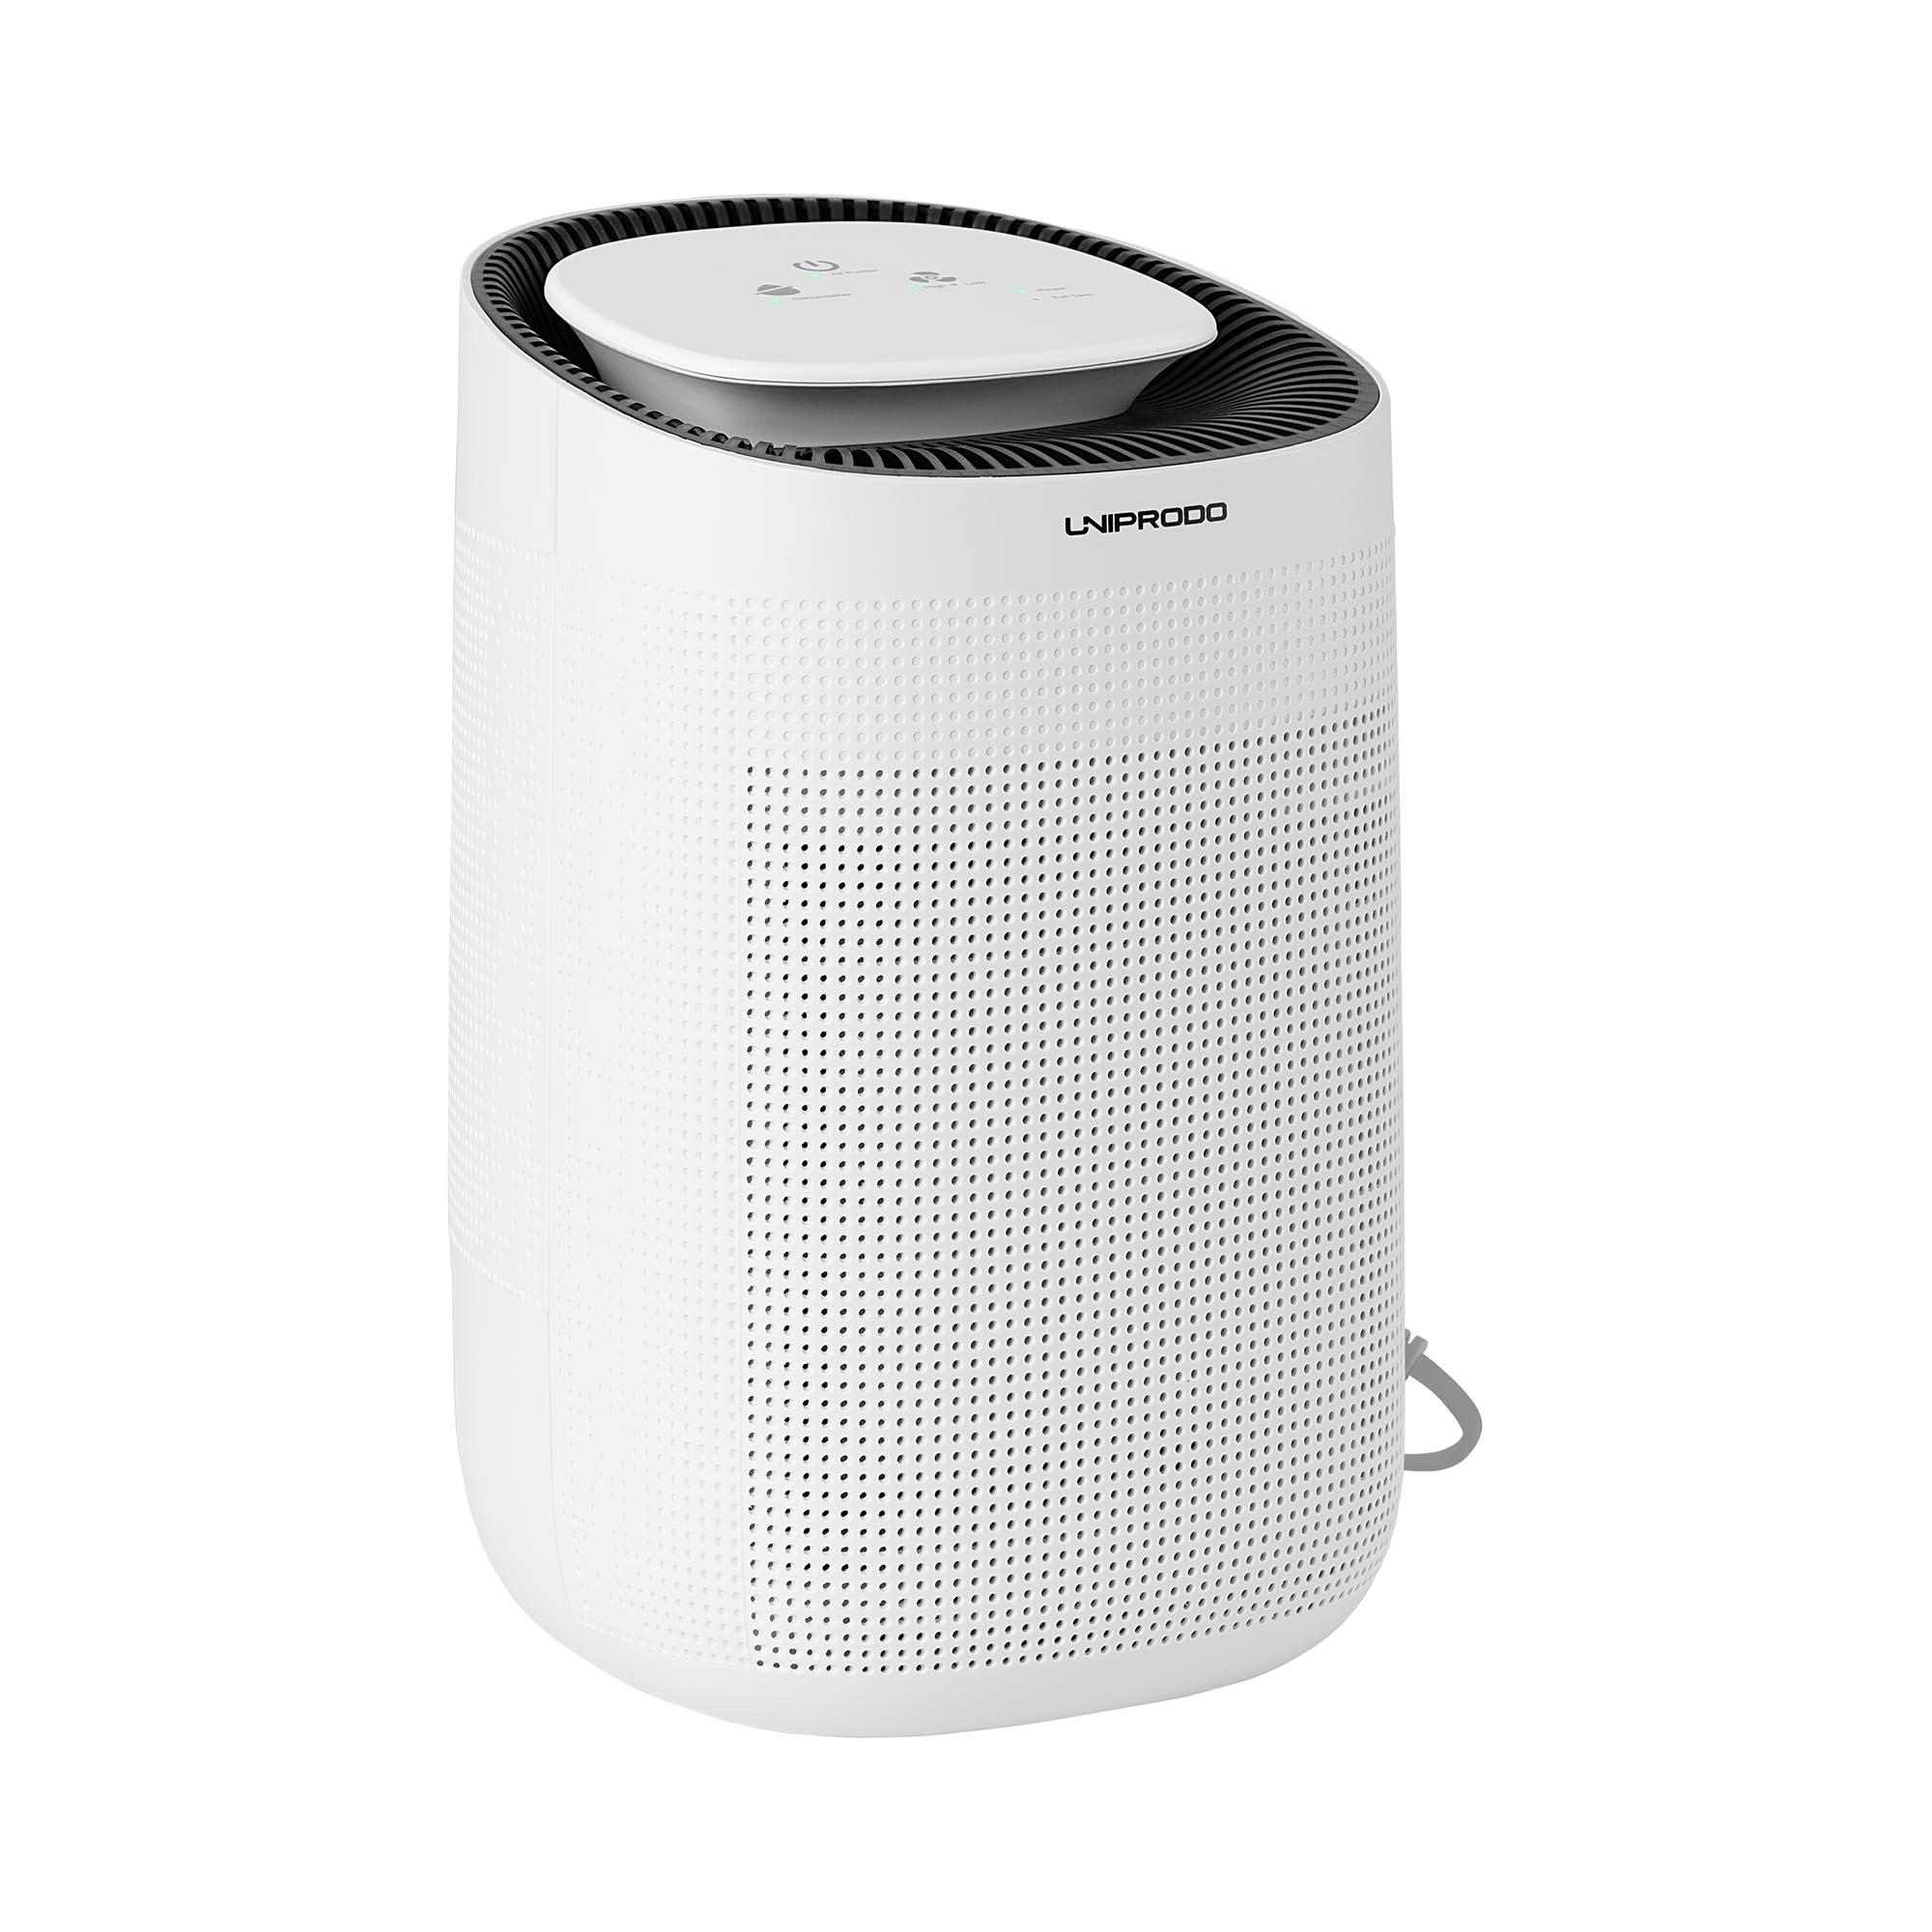 Uniprodo Luftentfeuchter - mit Luftreiniger - 750 ml/Tag - 20 m² UNI_DEHUMIDIFIER_02